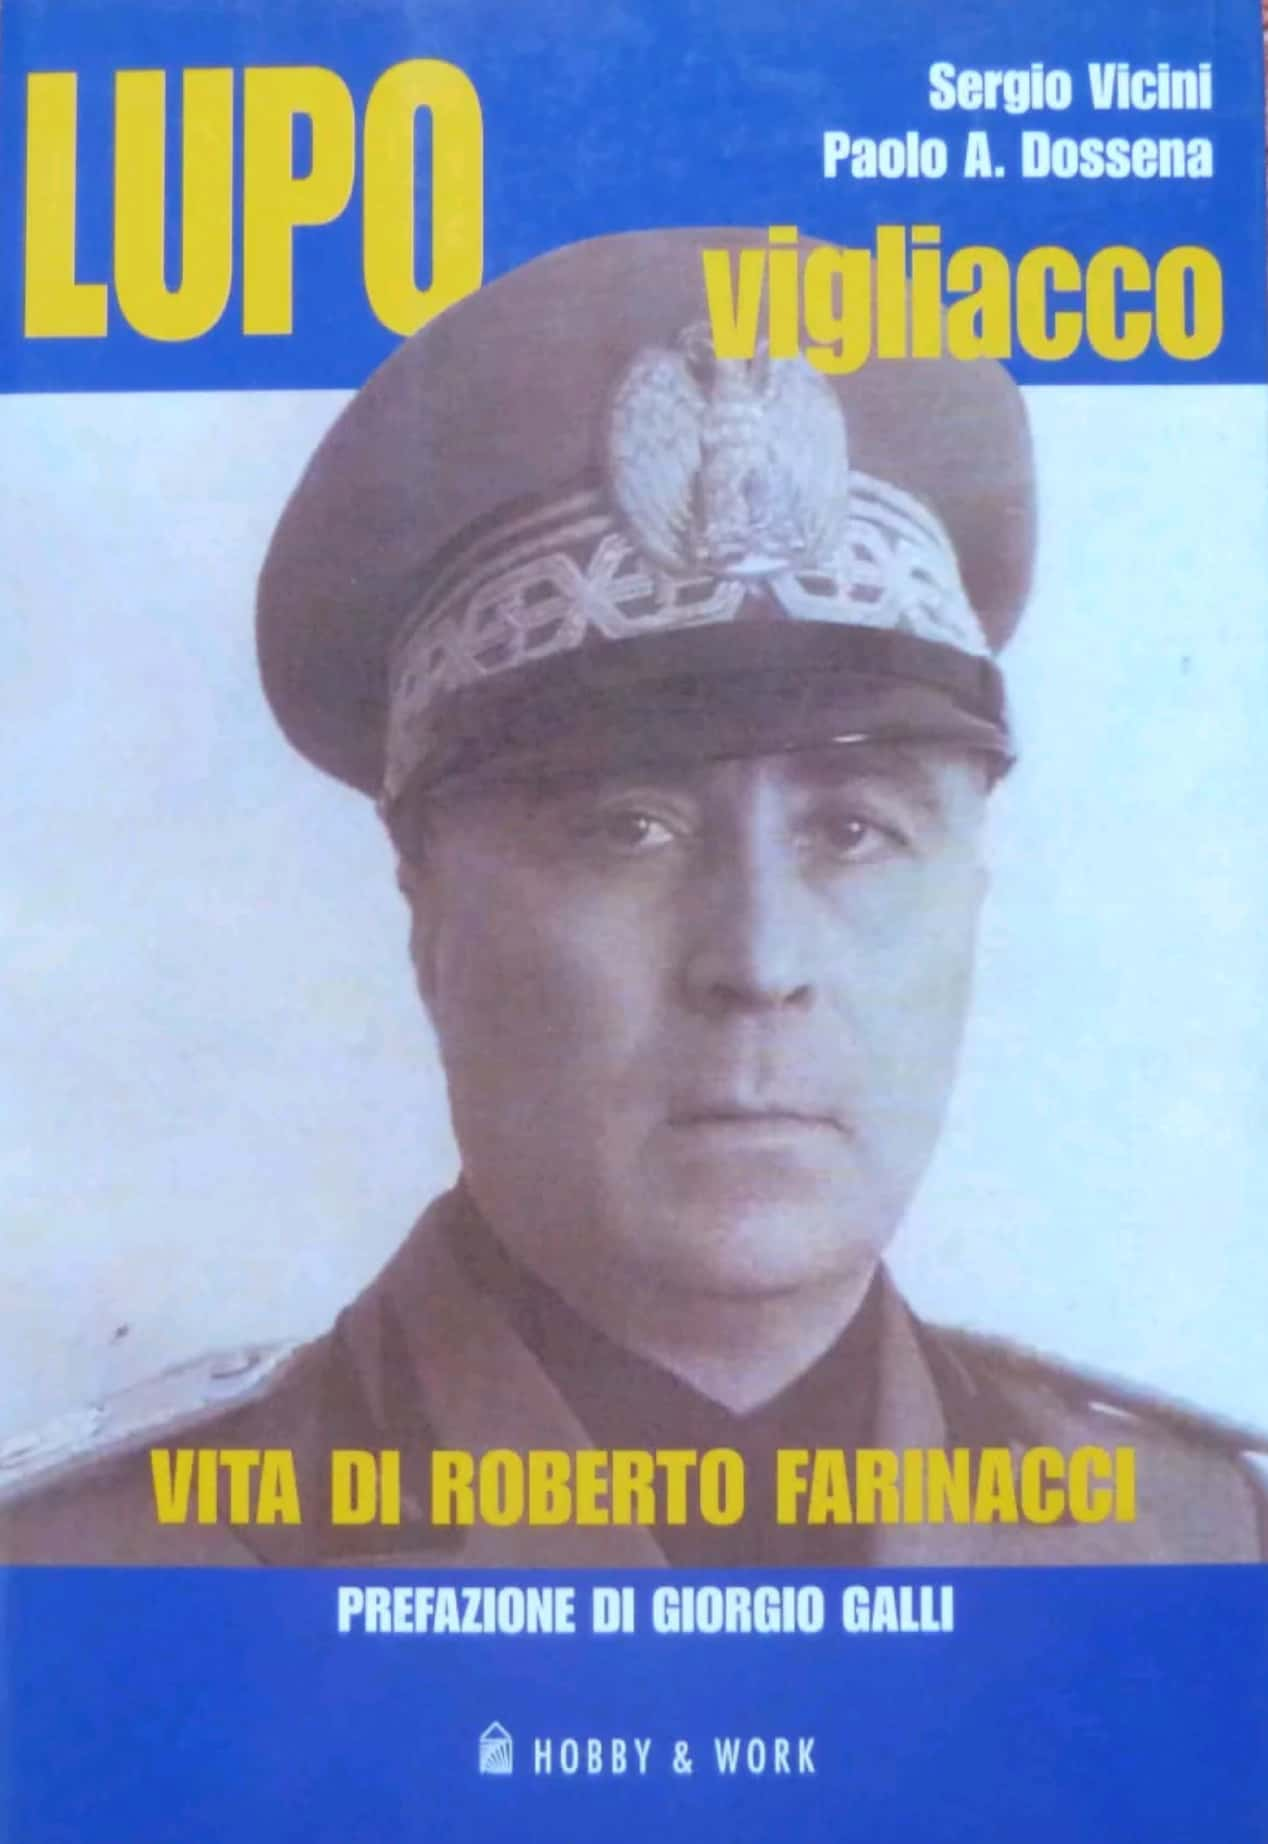 """…""""Lupo vigliacco: vita di Roberto Farinacci"""" è in vendita su eBay"""